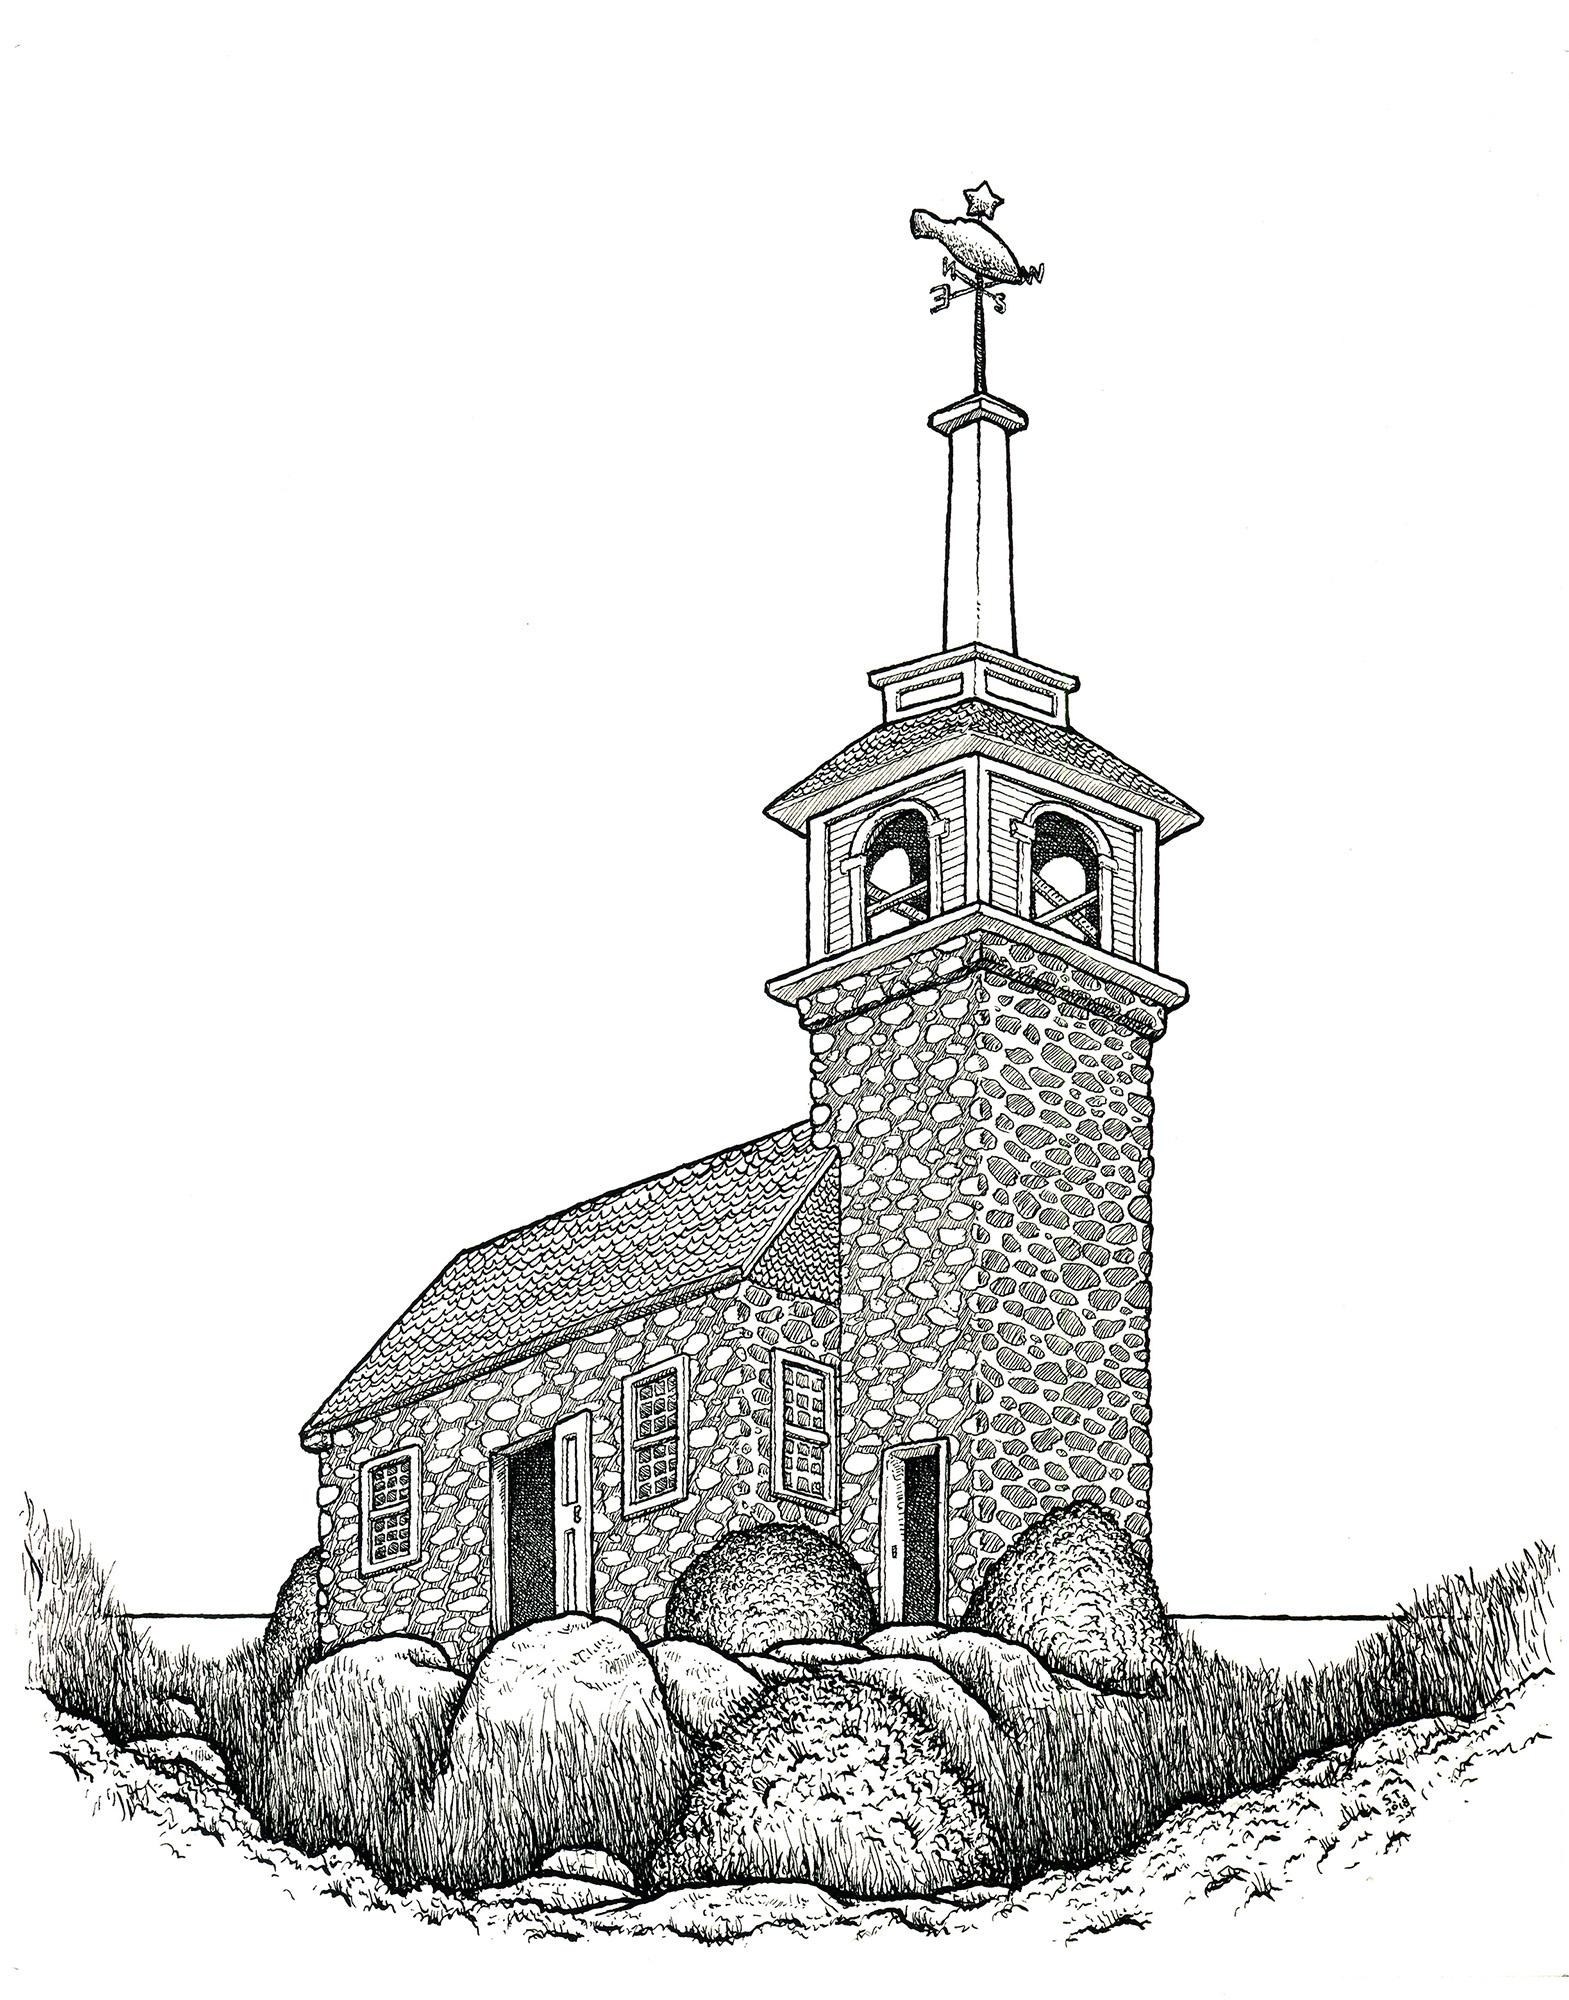 star chapel ink final scan 2 web.jpg